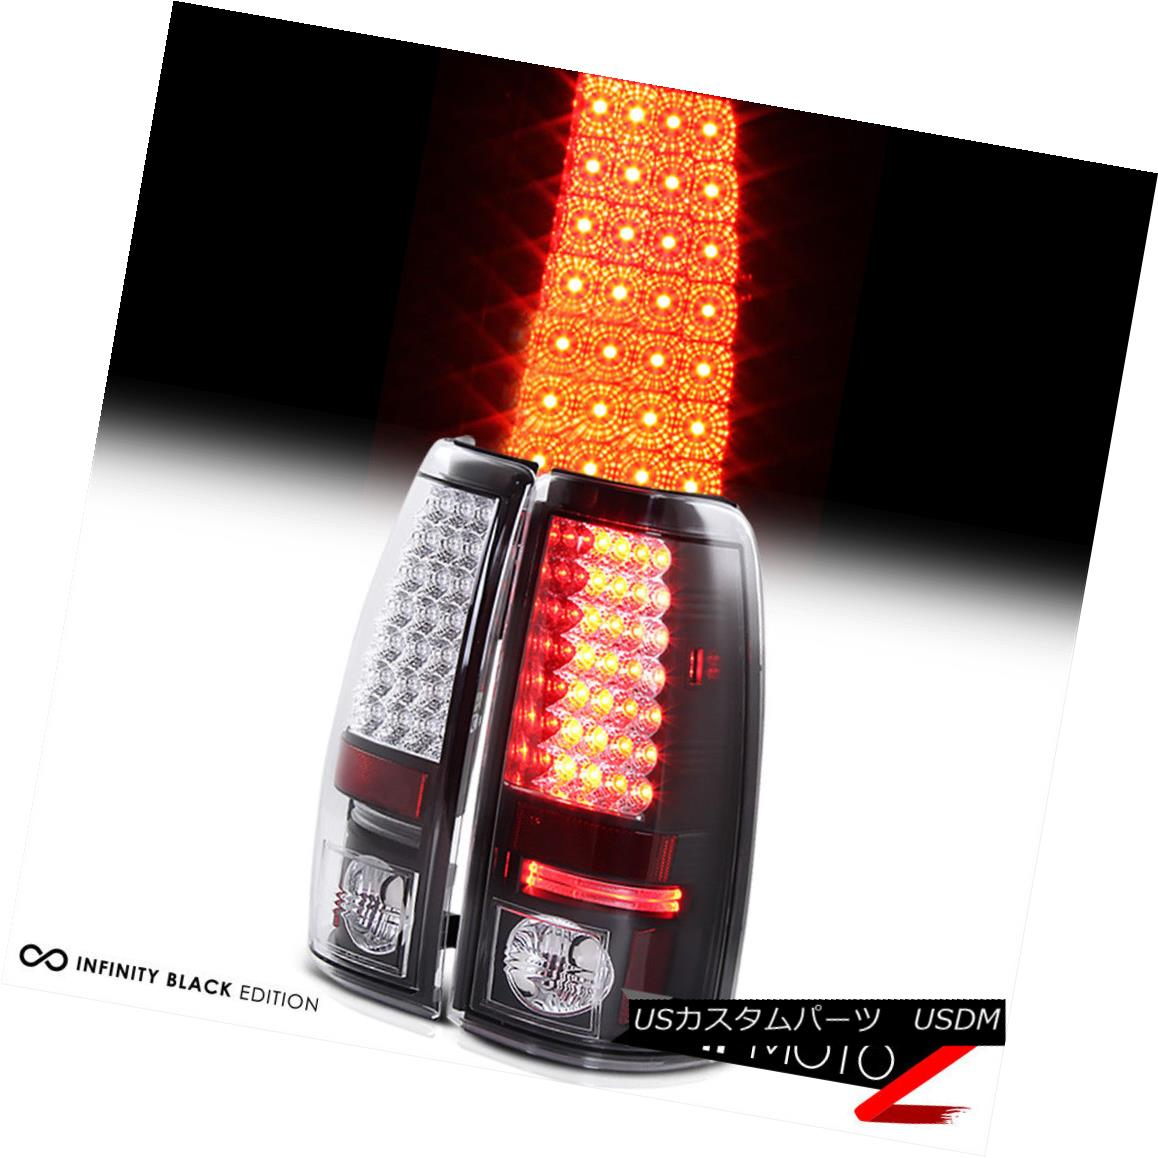 テールライト 2003-2006 Chevy Tail テールライト Silverado 1500 2500HD 3500HD Black LED Rear Rear Tail Light Lamp PAIR 2003-2006シボレーシルバラード1500 2500HD 3500HDブラックLEDリアテールライトランプペア, スマホケース IQOS商品のShopTiara:613308b3 --- officewill.xsrv.jp